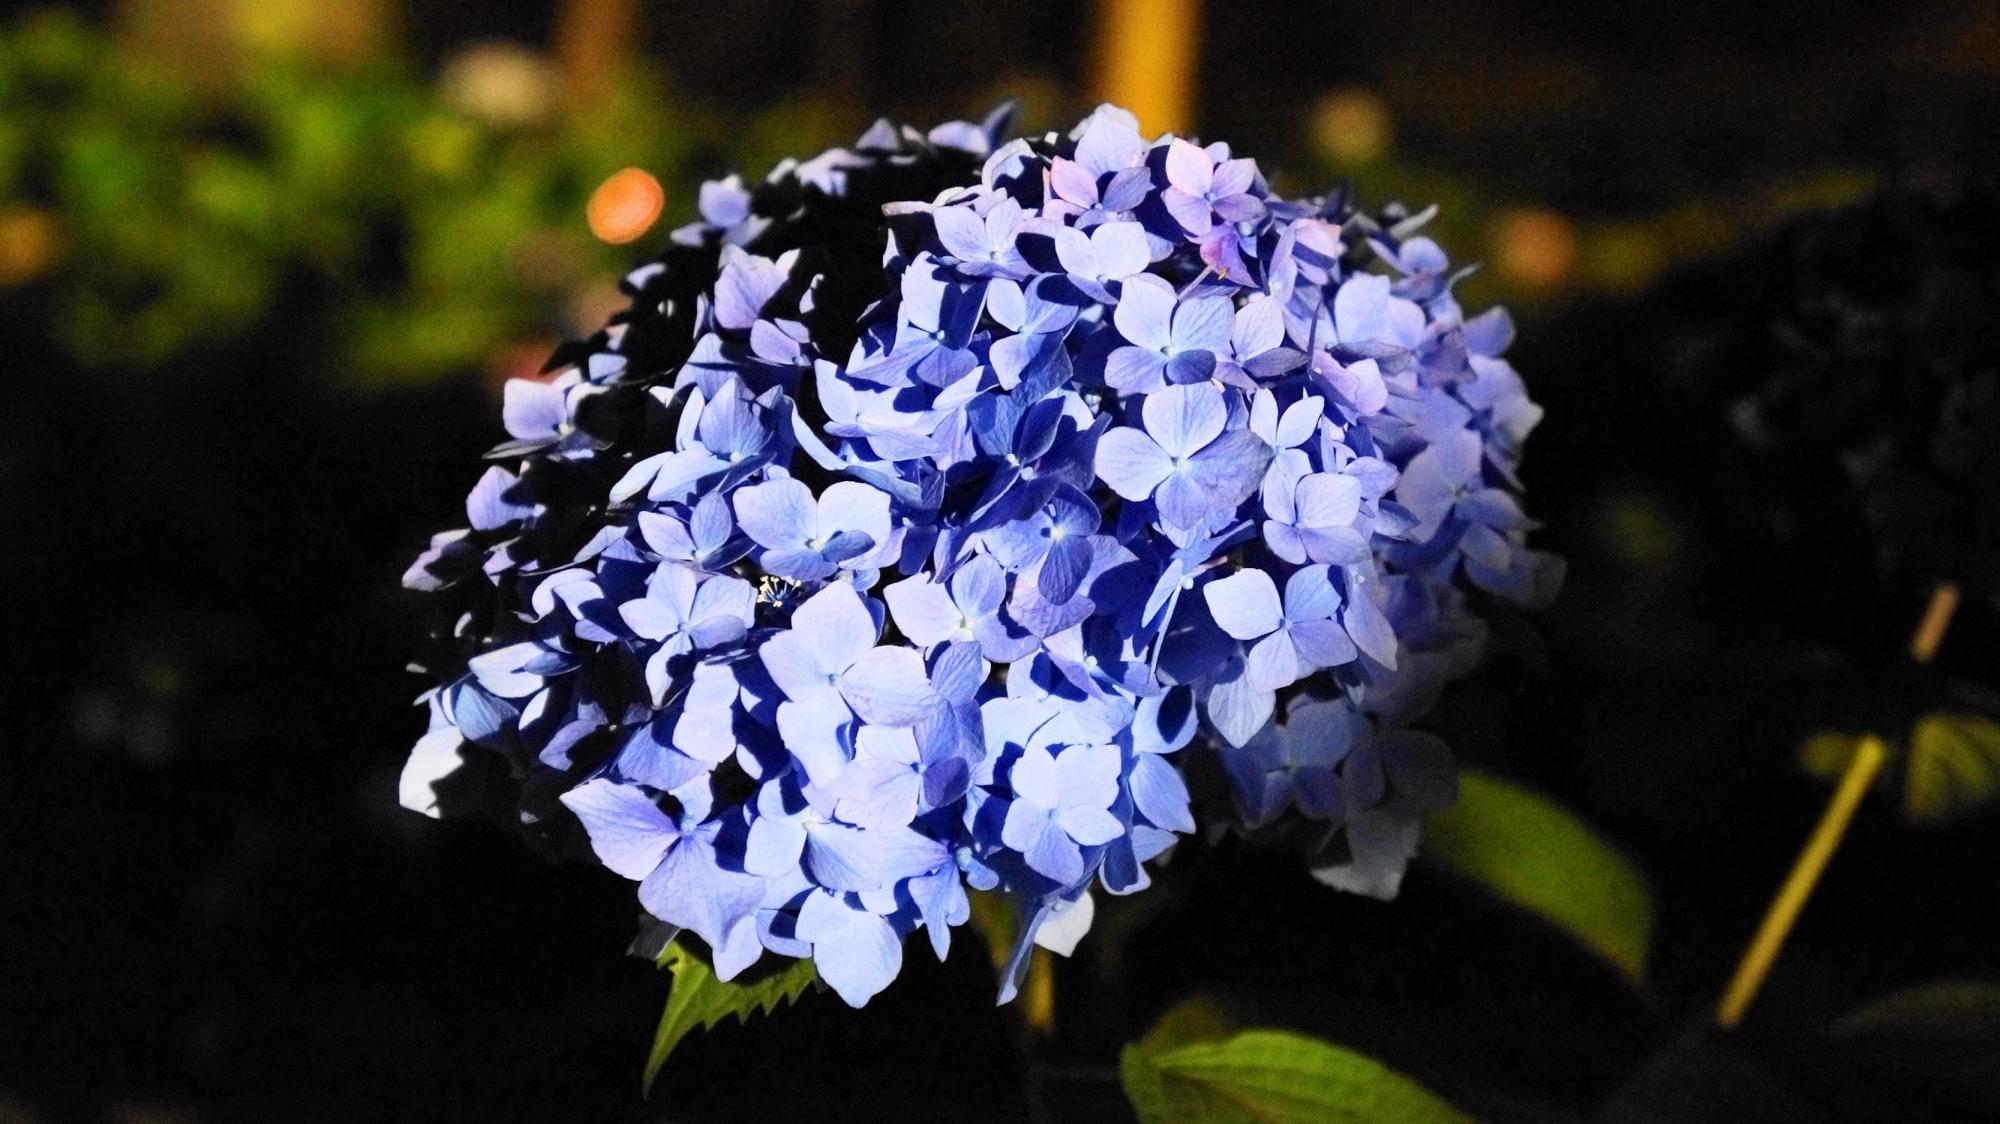 闇夜の中で輝くアジサイの花びら